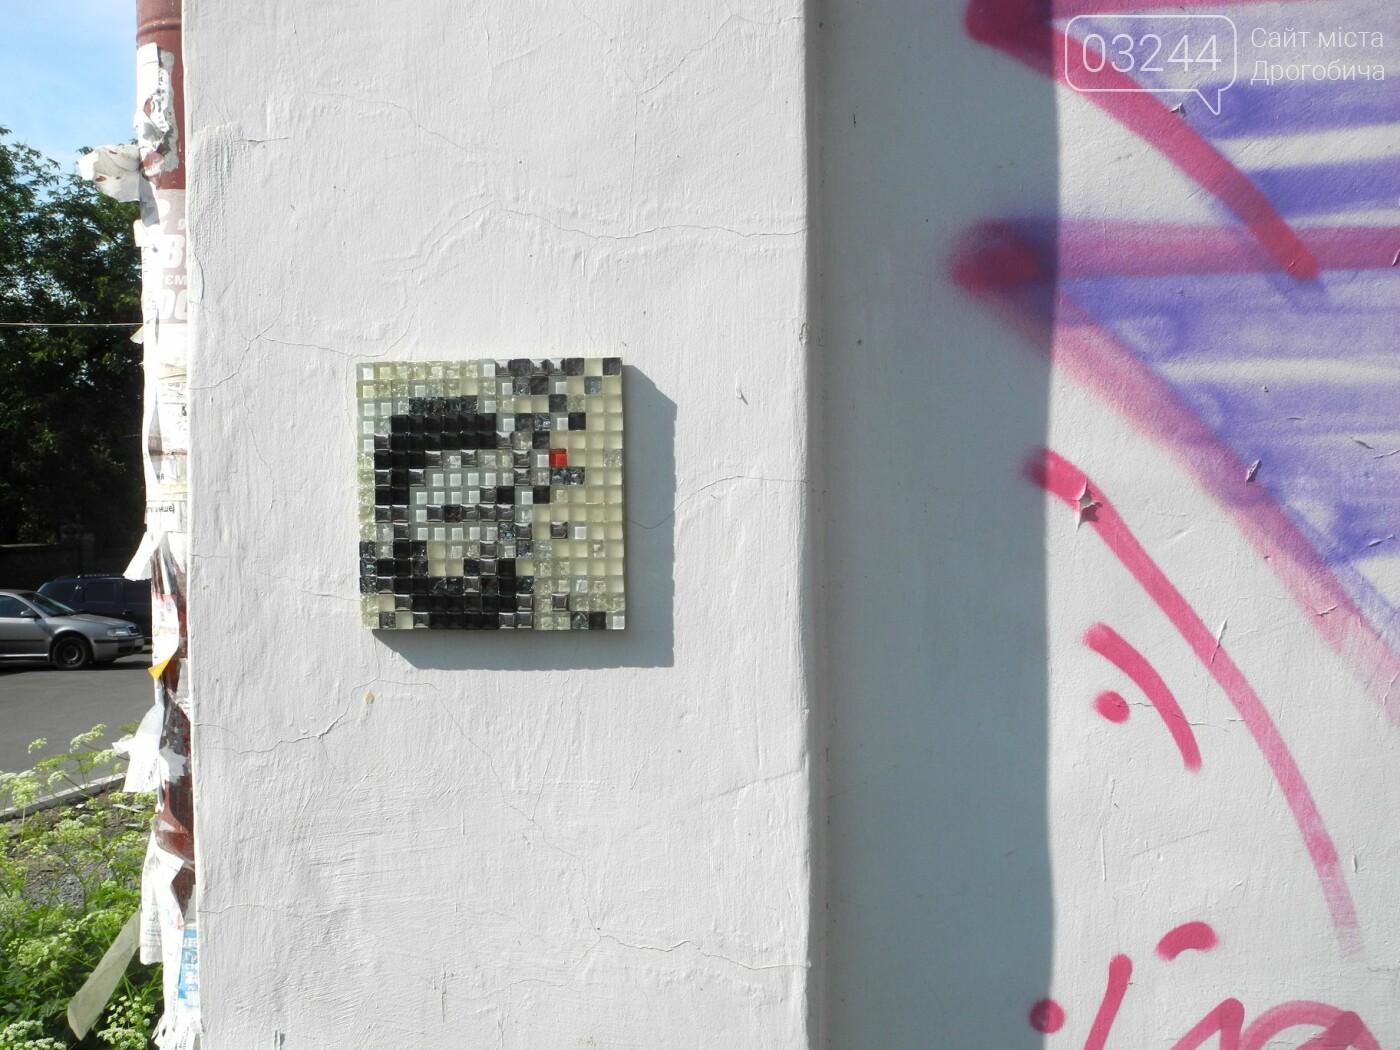 У Дрогобичі реалізовують проєкт «Люди міста у форматі піксель-арт», - Олександр Максимов, фото-9